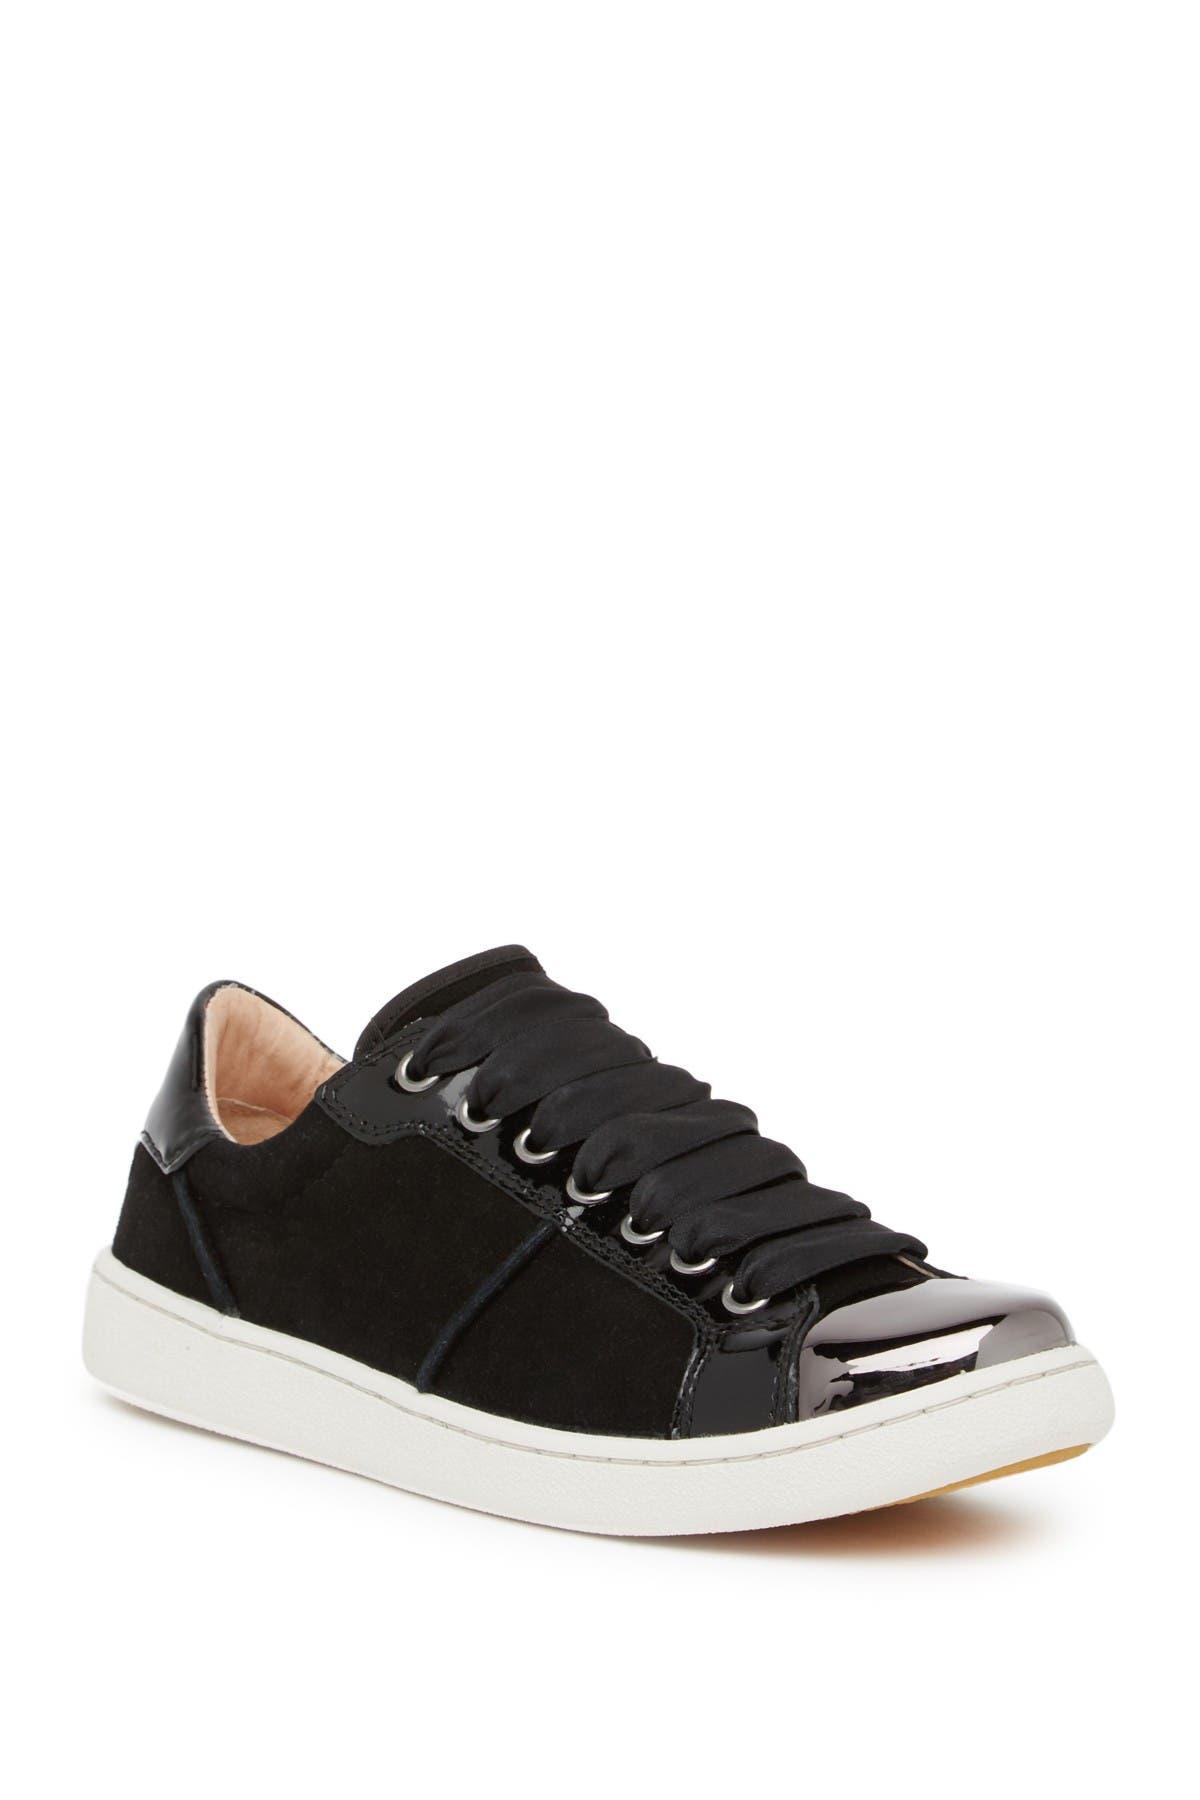 Evangeline Suede \u0026 Leather Sneaker